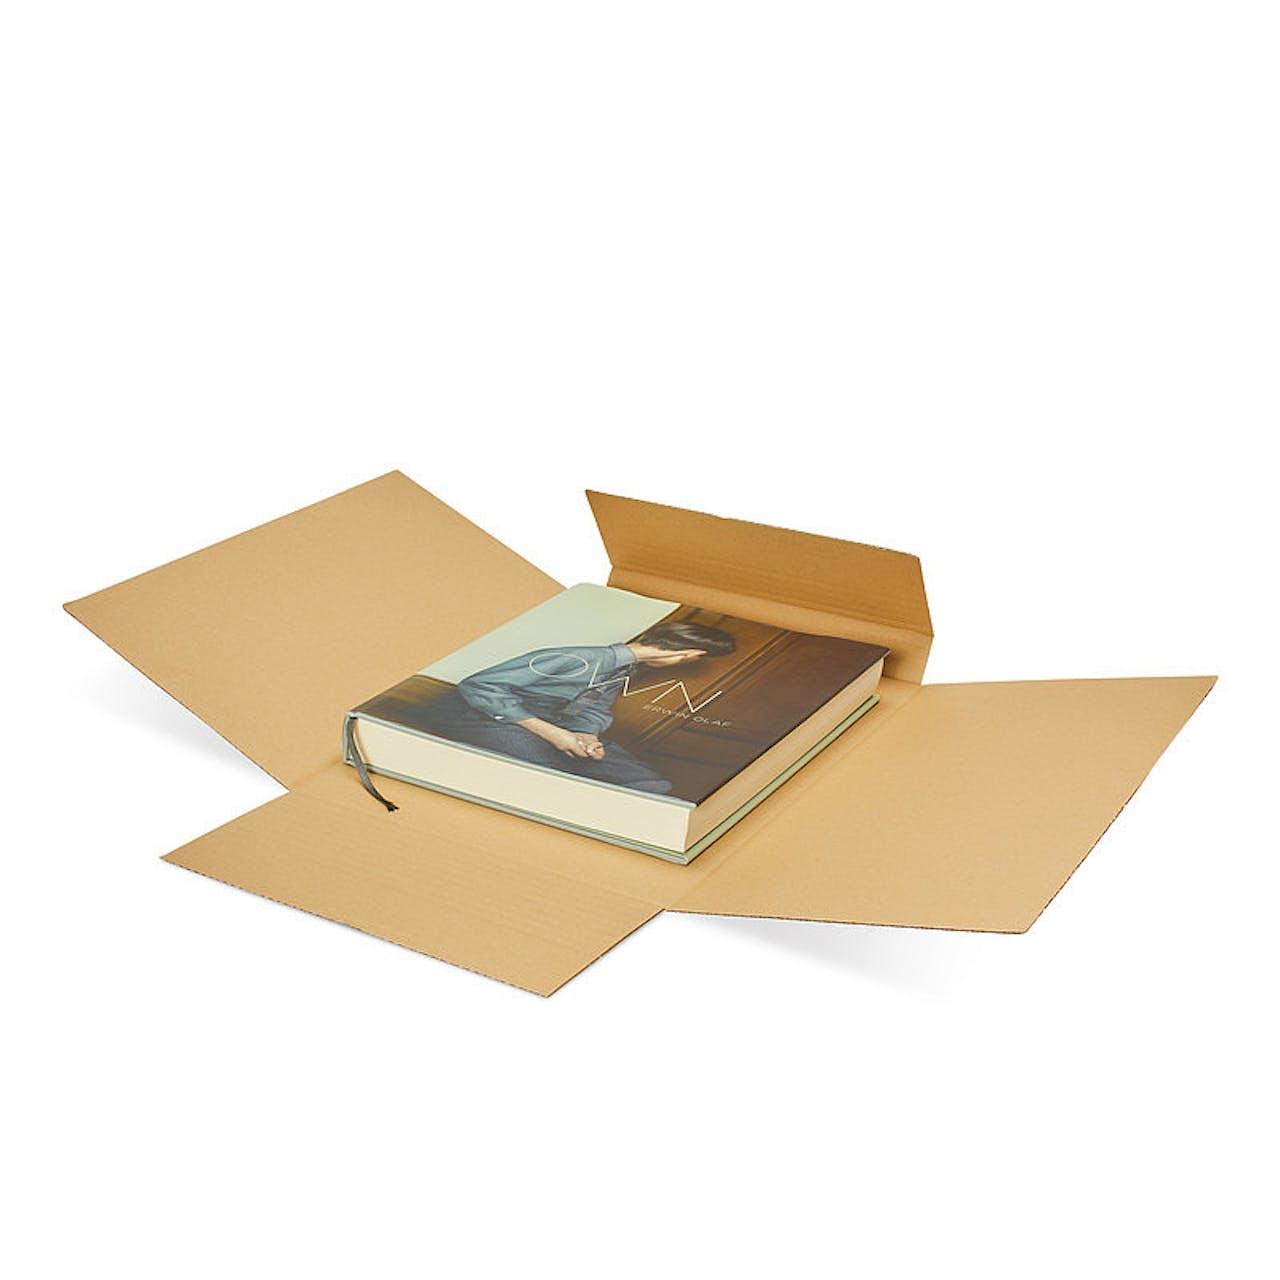 Universalverpackung, DIN A5, braun, 155 x 220 mm, max. Füllhöhe 80 mm